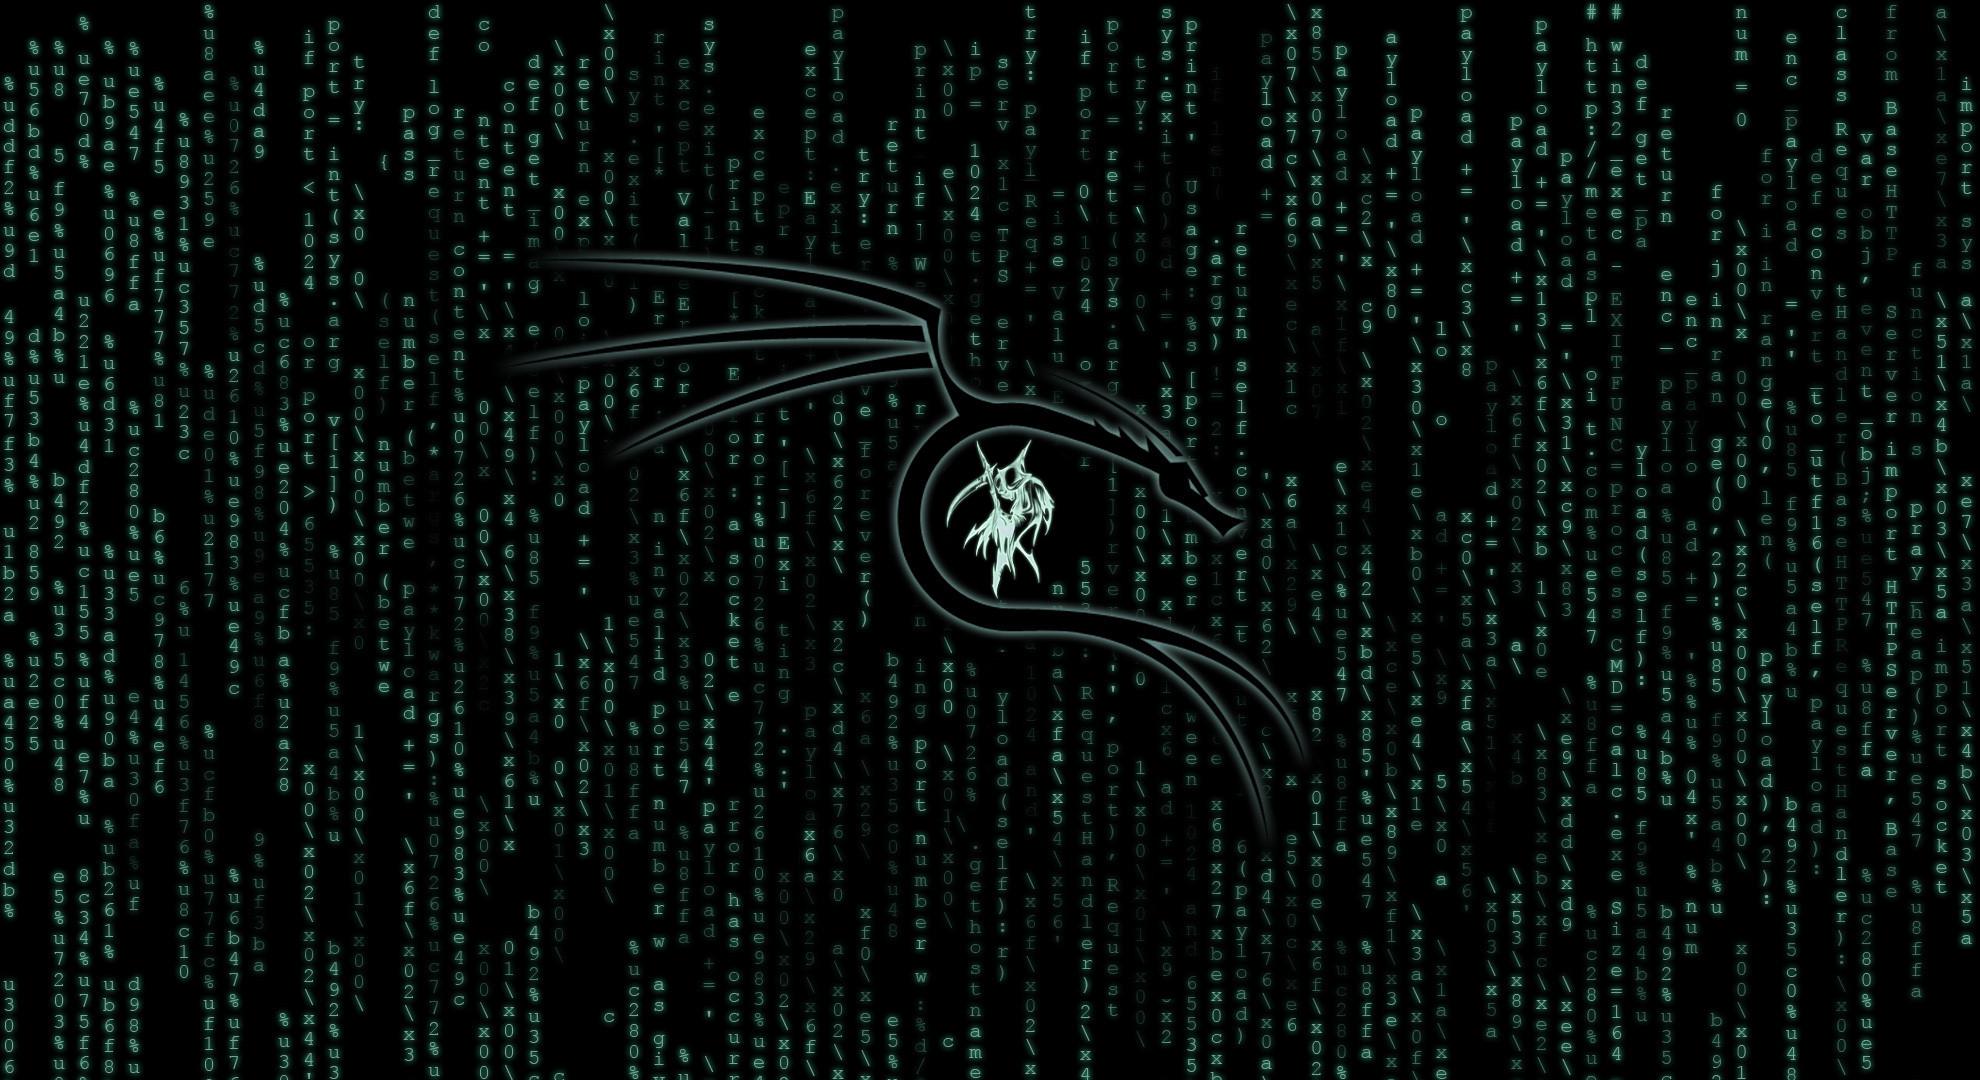 Kali linux wallpaper dragon kali linux wallpaper by - Kali Linux Wallpaper Wallpapersafari